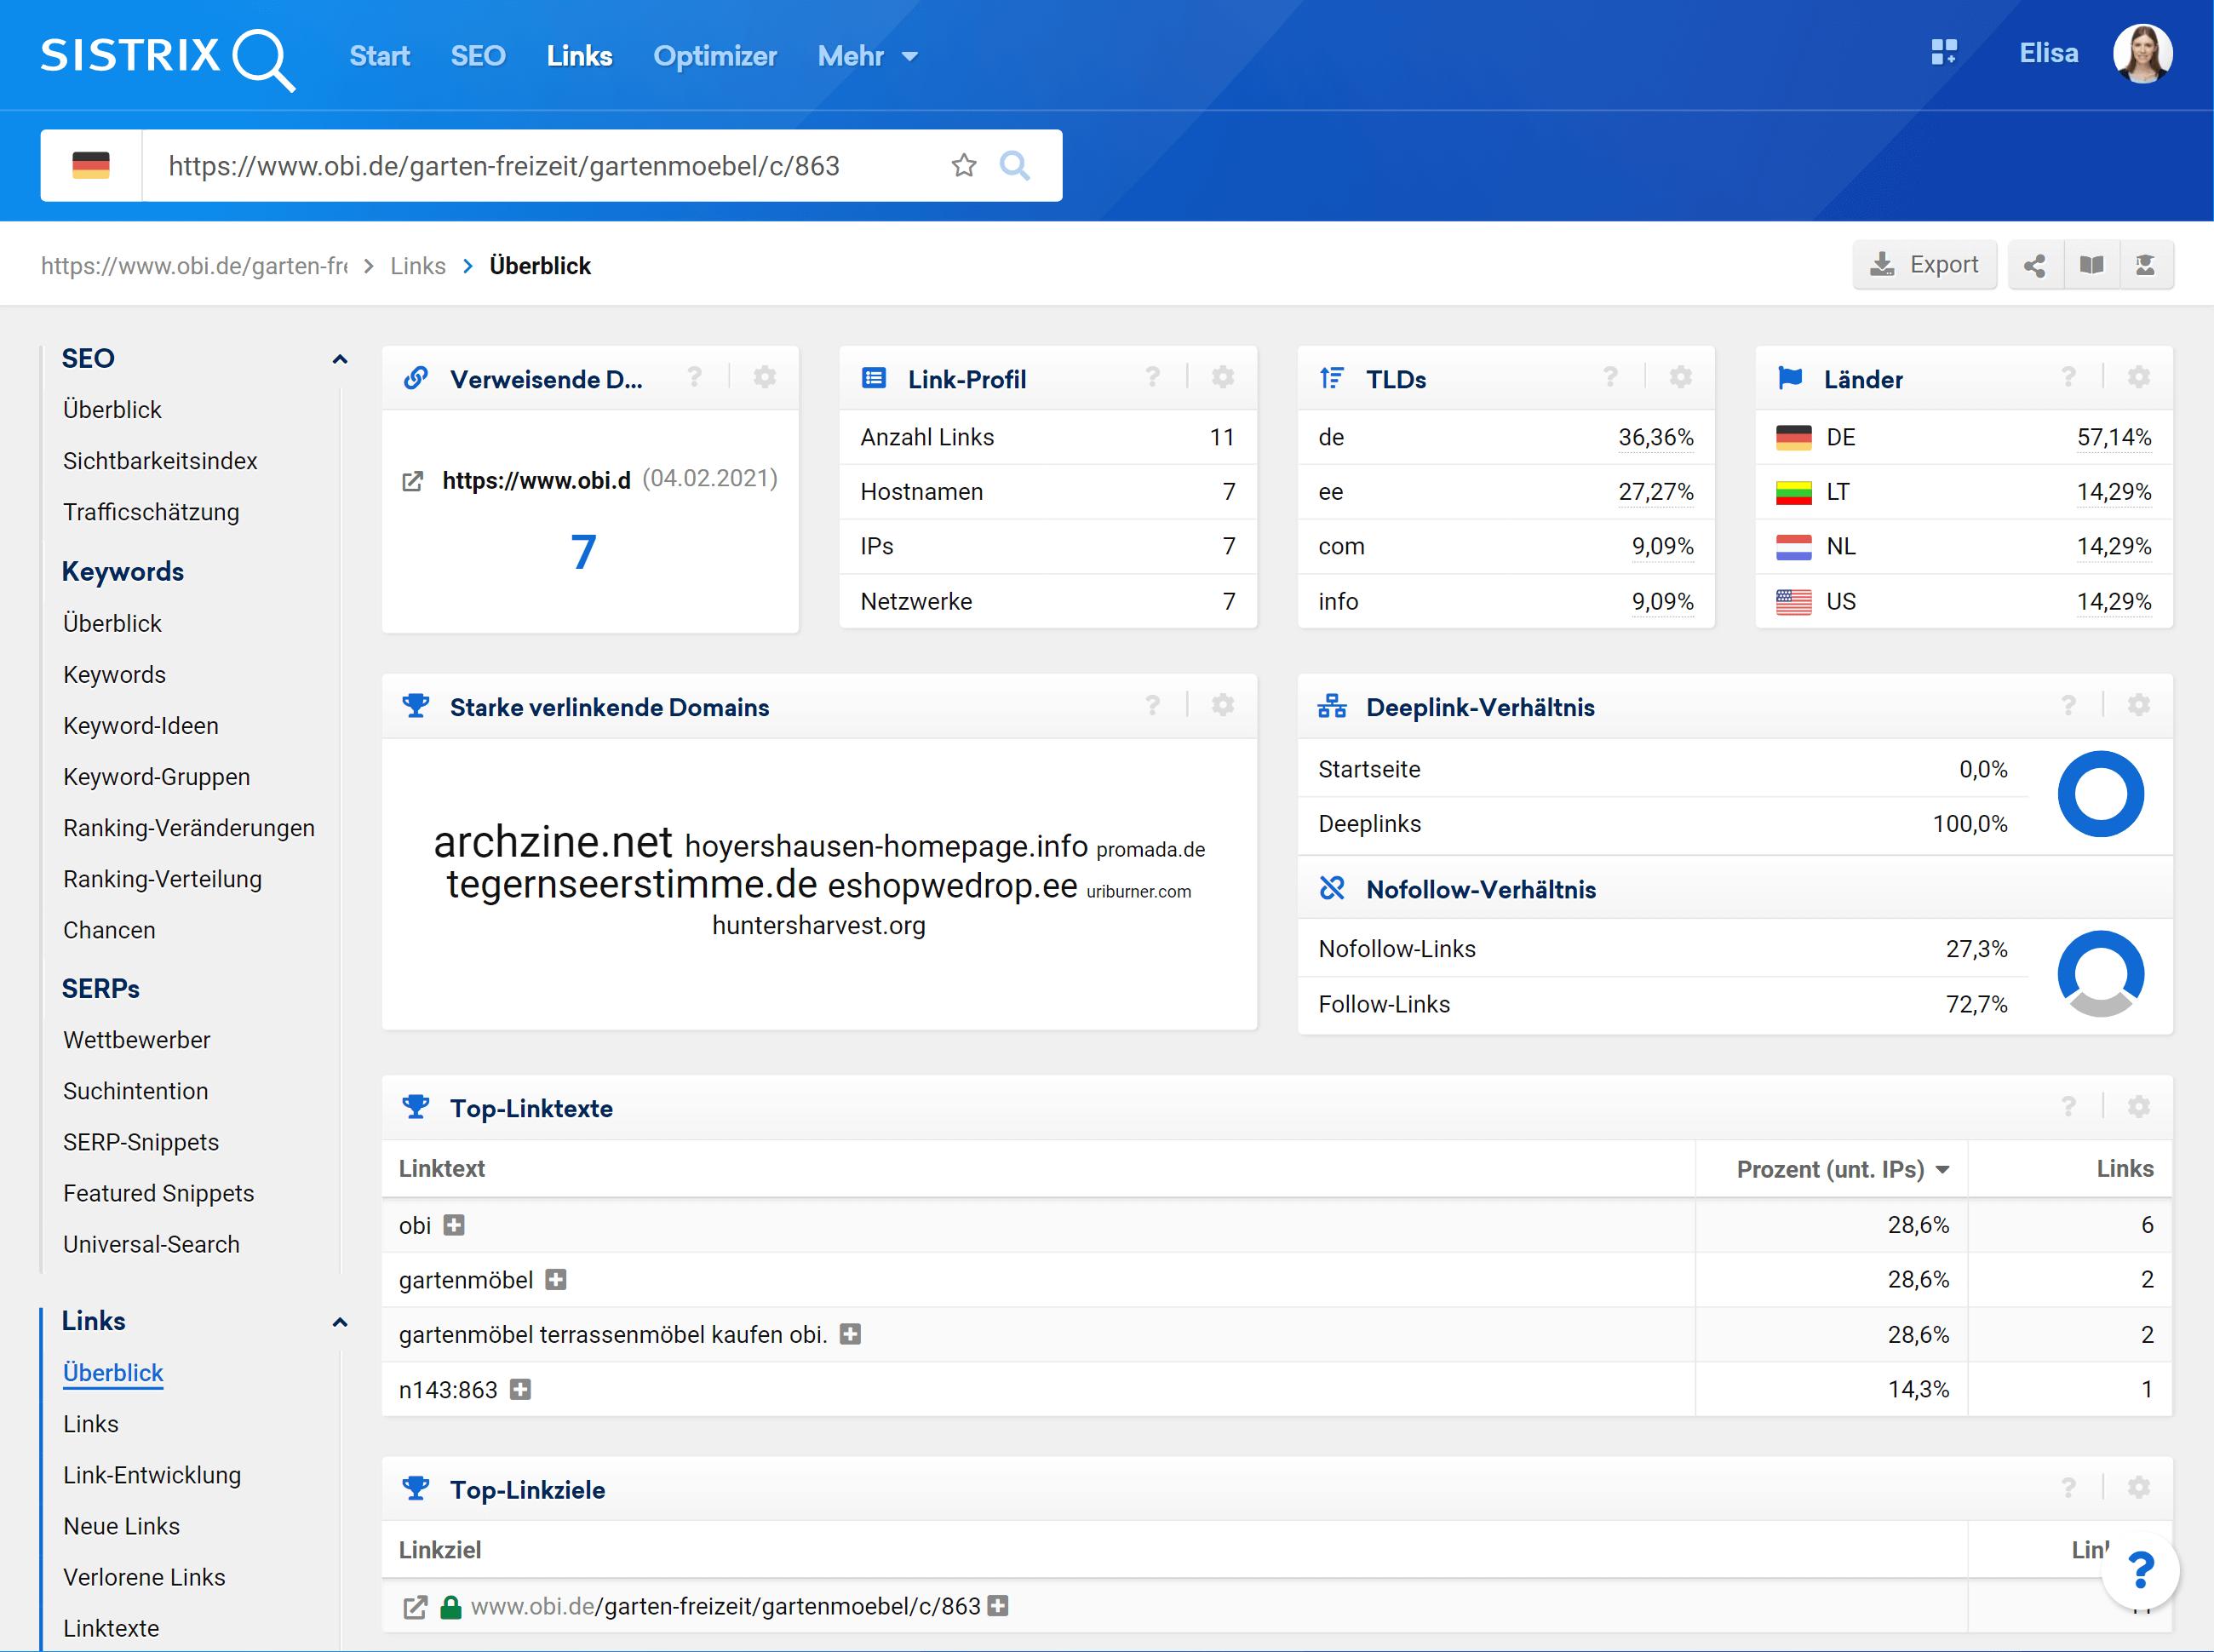 Ansicht der Links-Überblick-Seite der Toolbox bei Eingabe einer einzelnen URL in die Suchleiste.